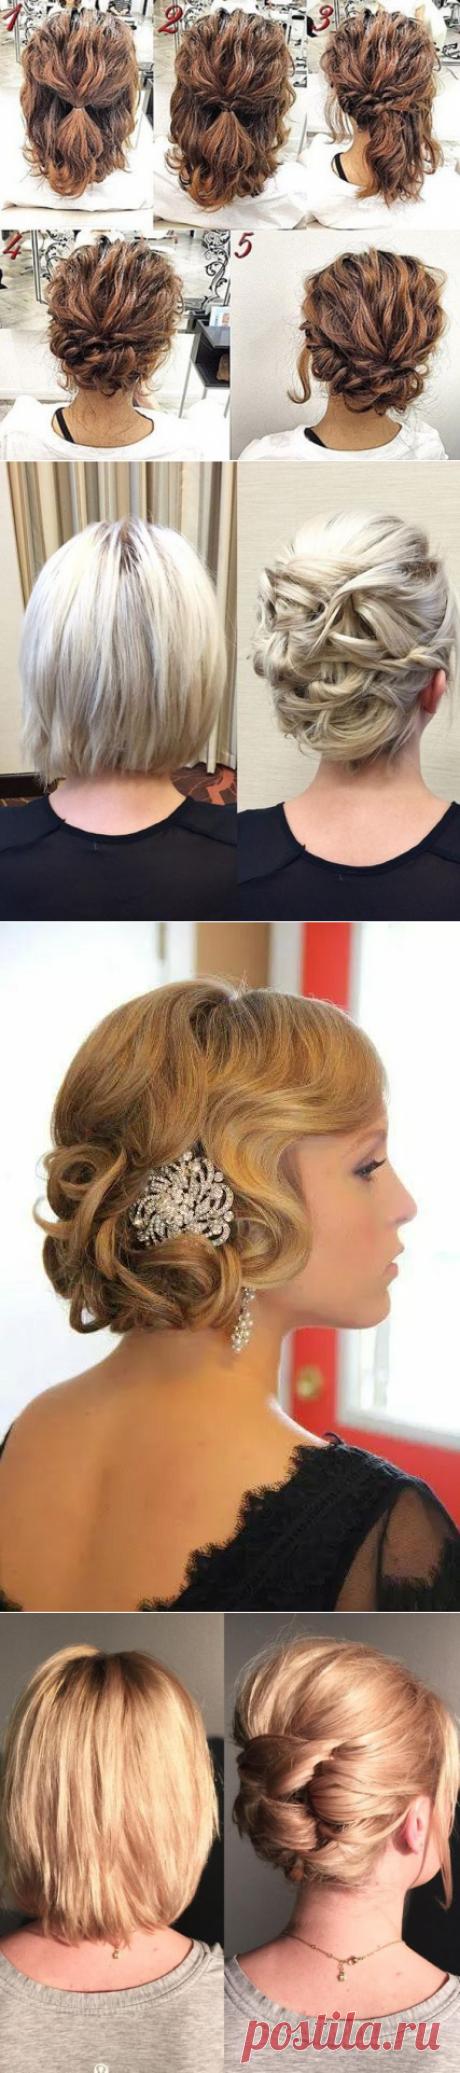 Стильні зачіски та стрижки на коротке волосся   Ідеї декору